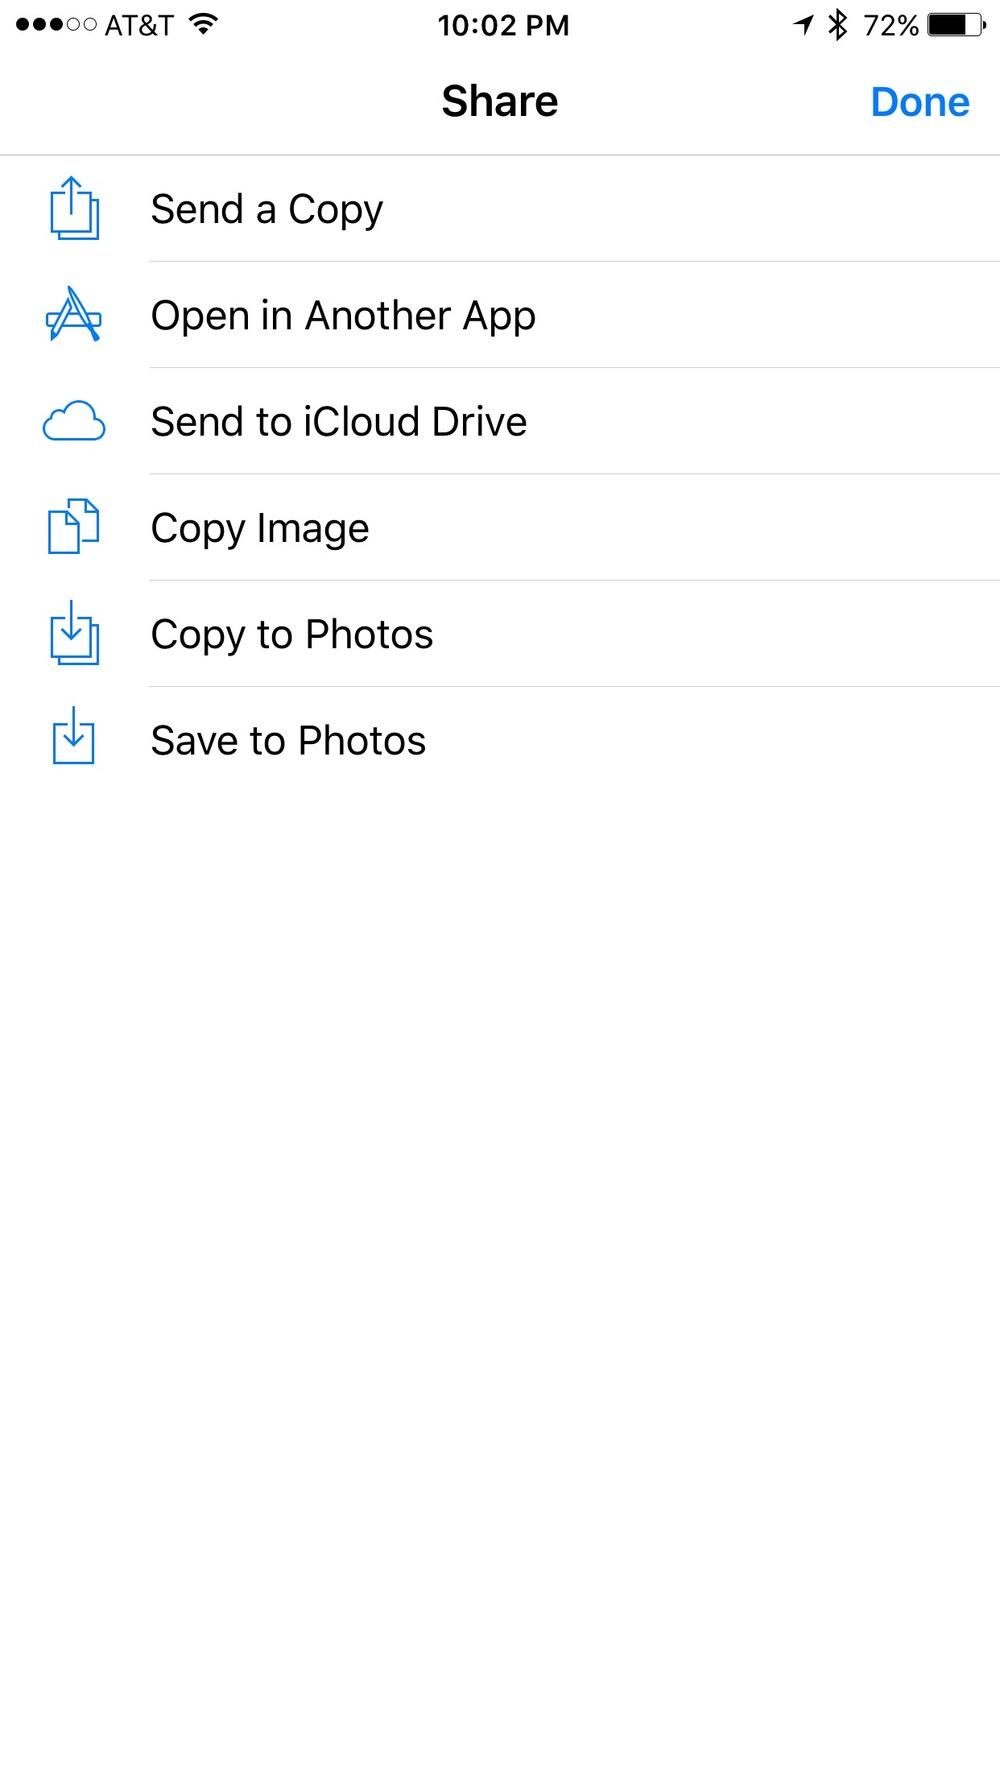 Saving to Photos